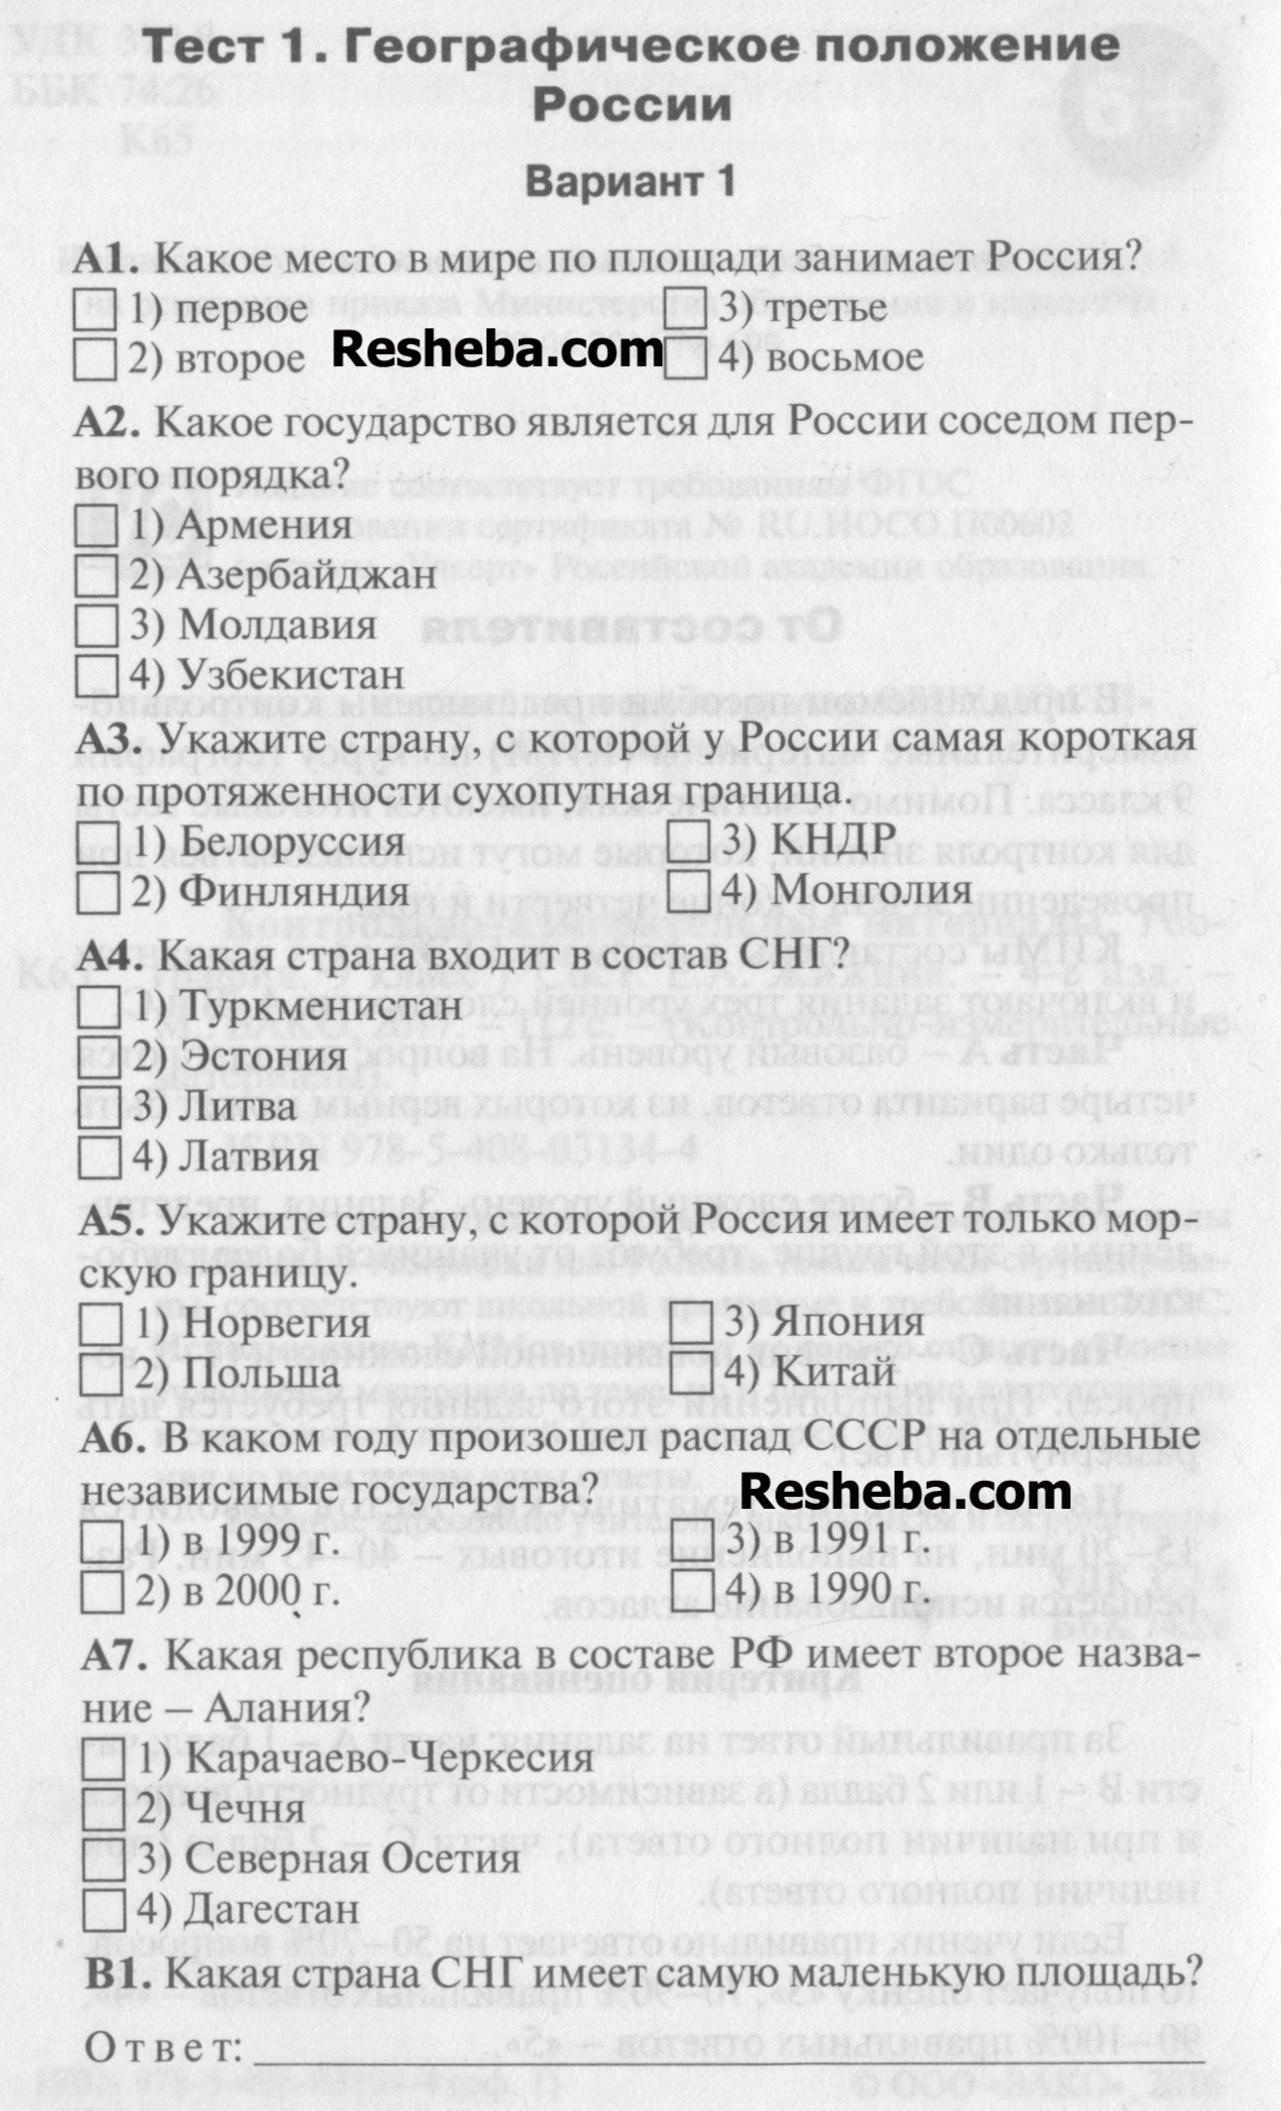 ВР- 1 - условие